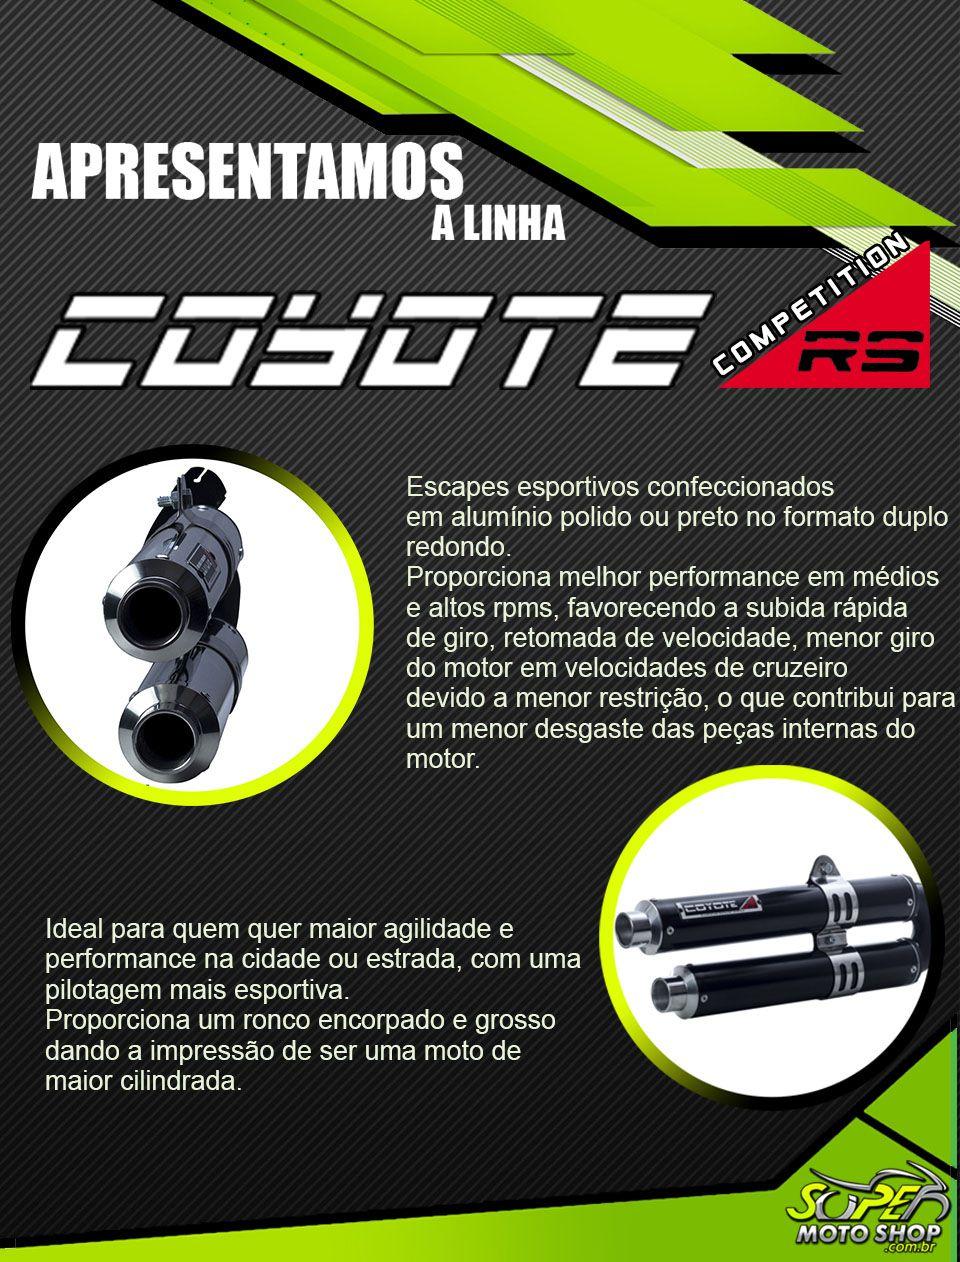 Escape / Ponteira Coyote Competition Duplo em Alumínio - Tornado XR 250 2007/2008 - Honda